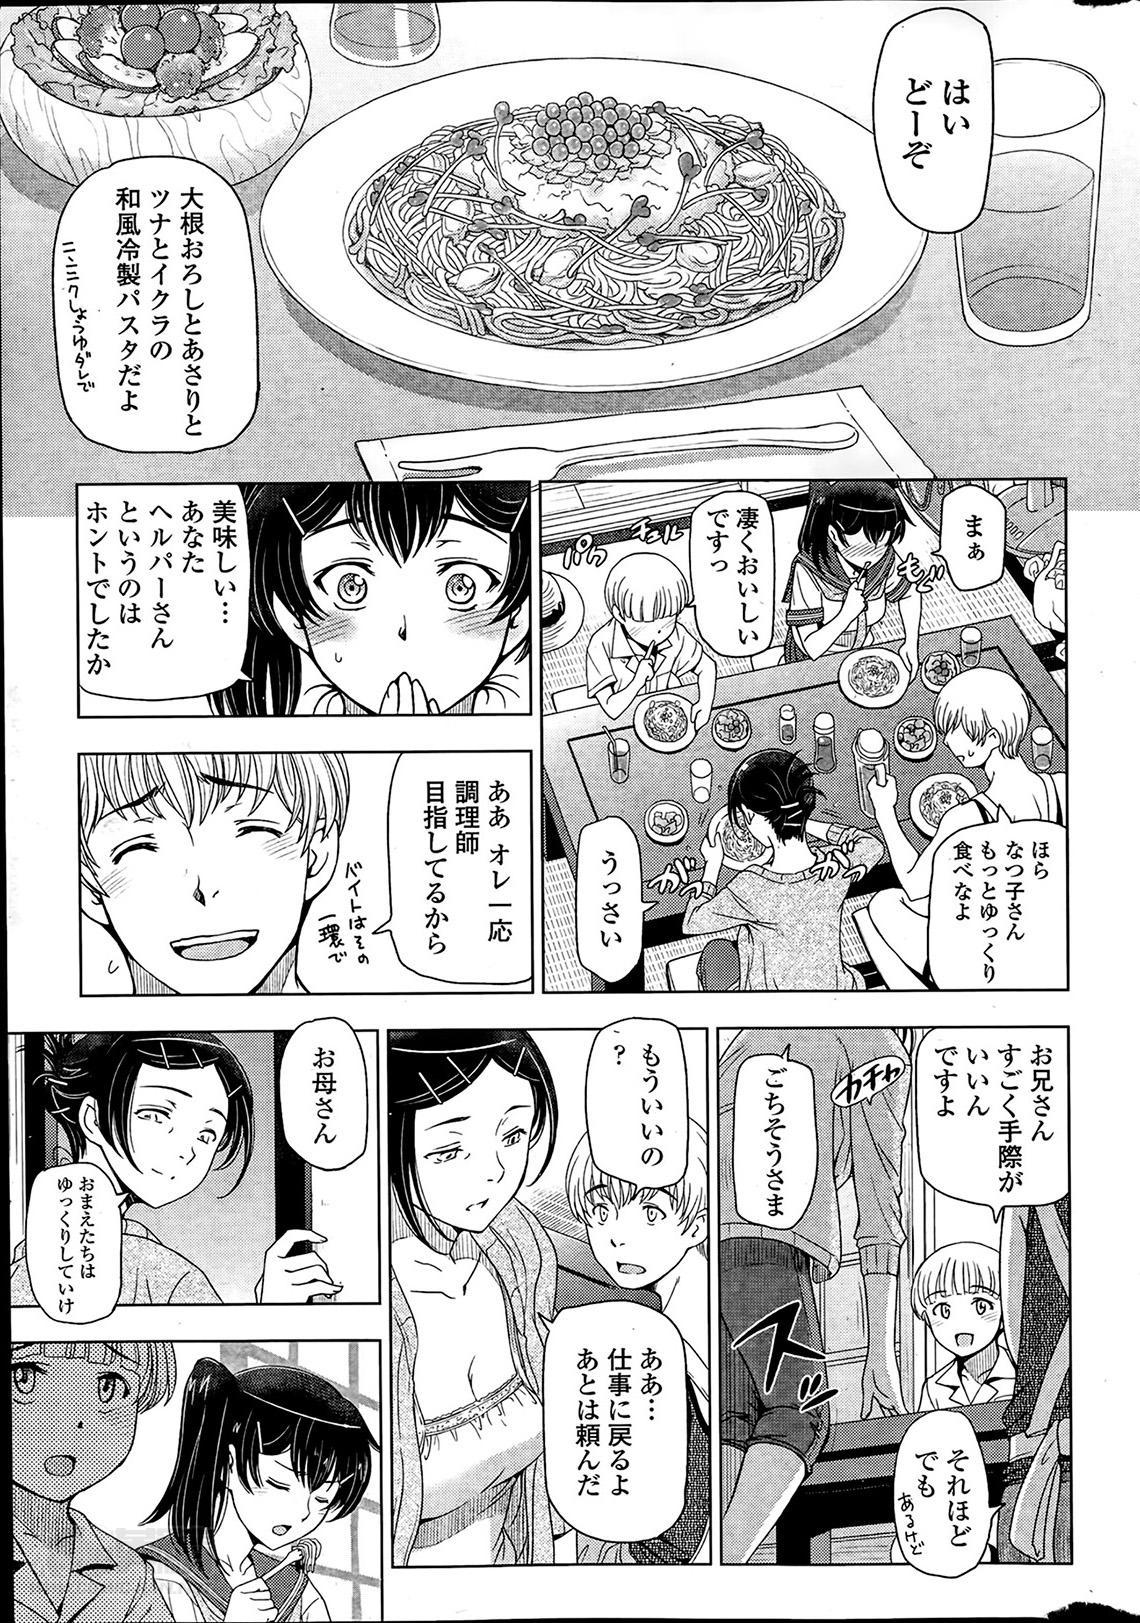 Natsu jiru + extra 26